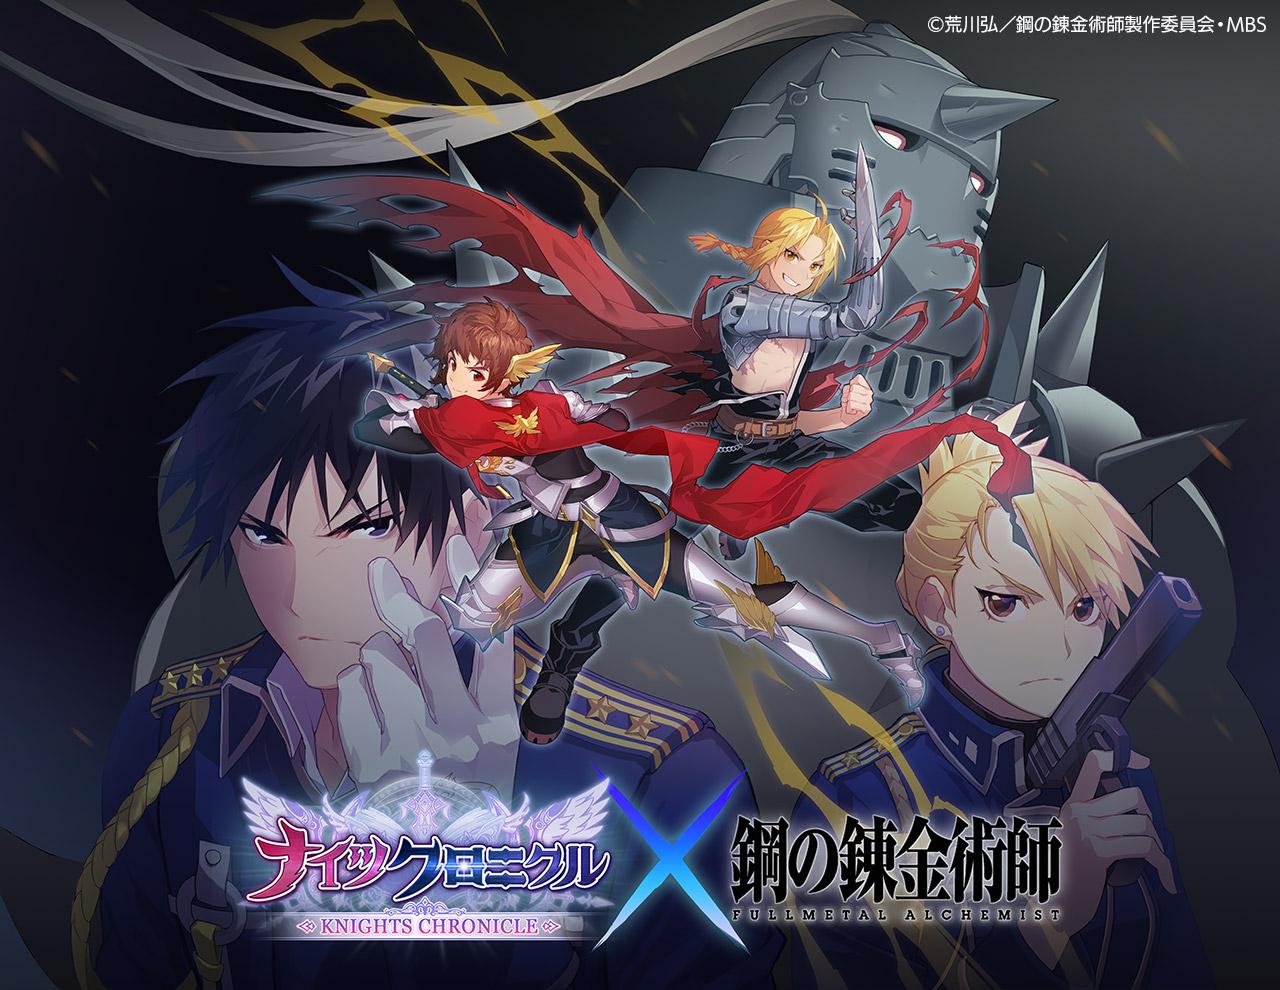 『ナイツクロニクル』がTVアニメ「鋼の錬金術師」とのコラボイベントを実施!